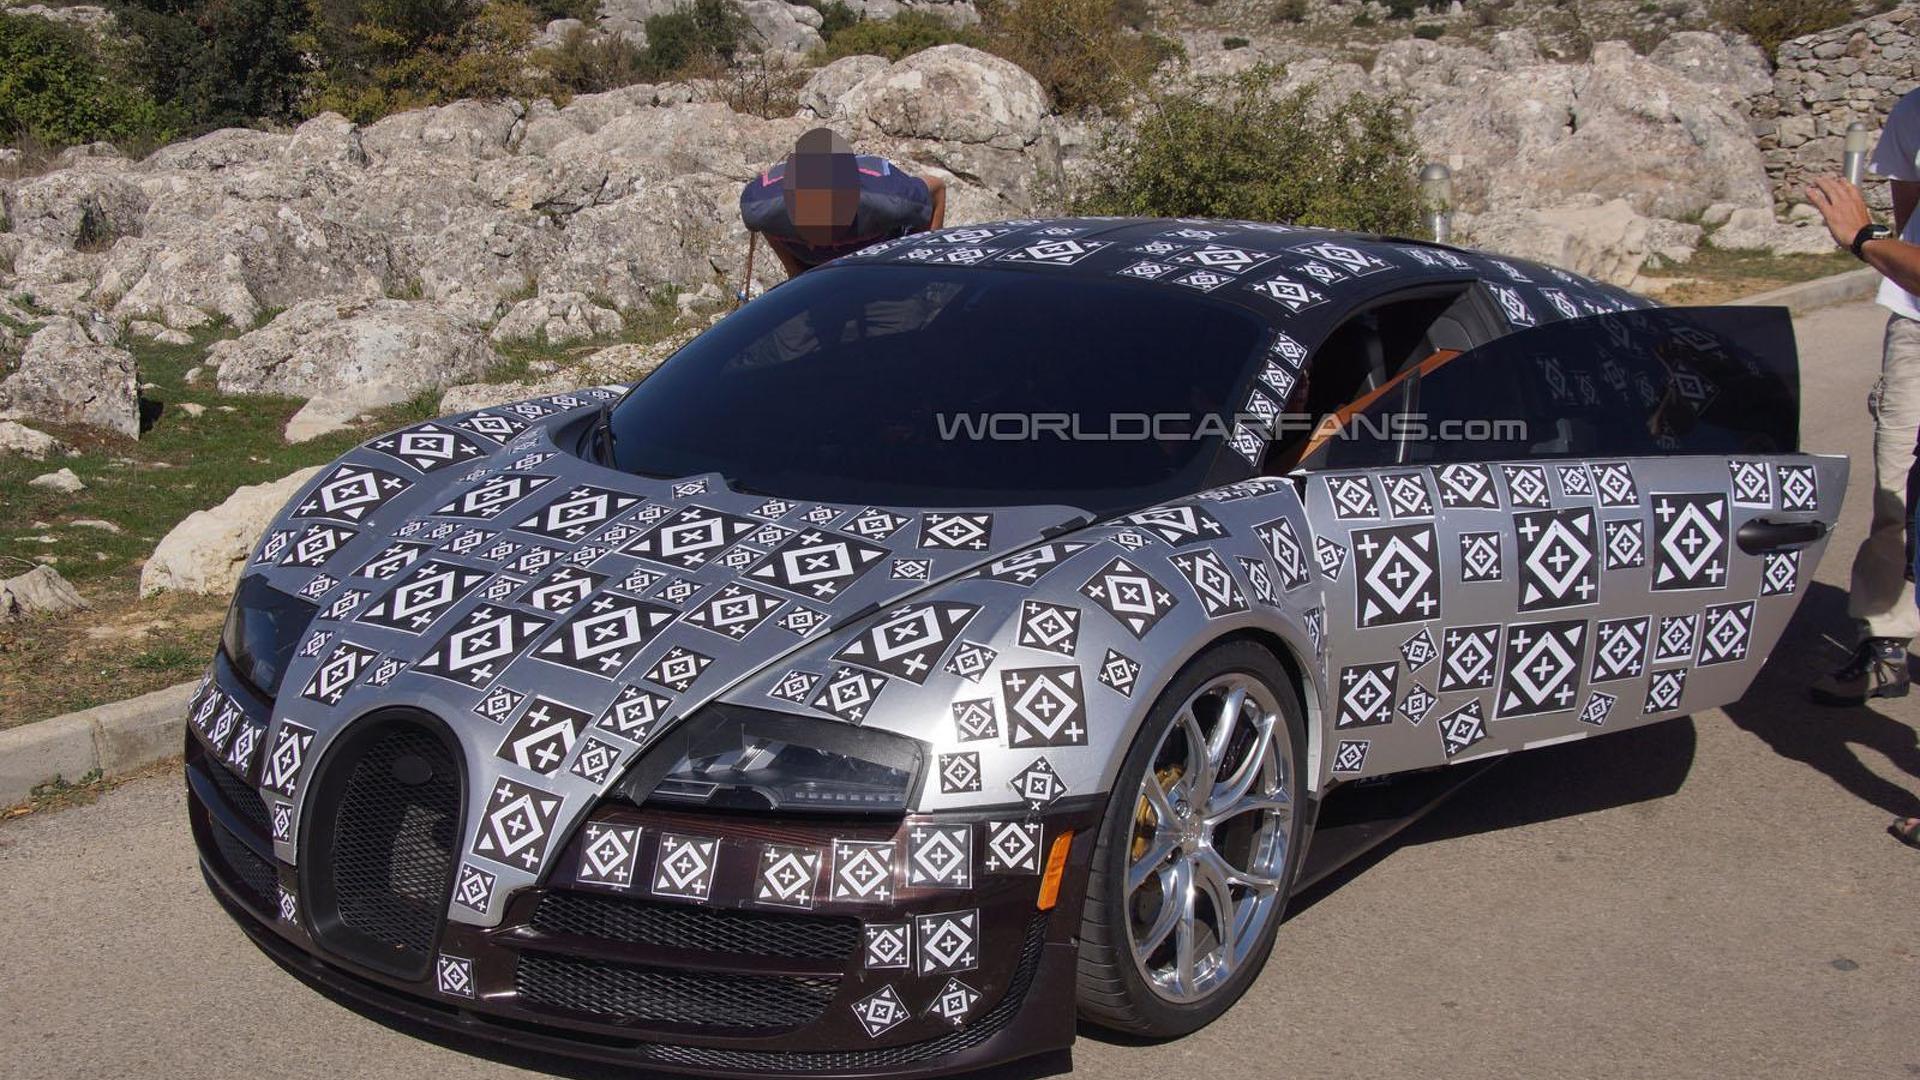 Bugatti Chiron will reportedly do 0-100 km/h in 2 seconds